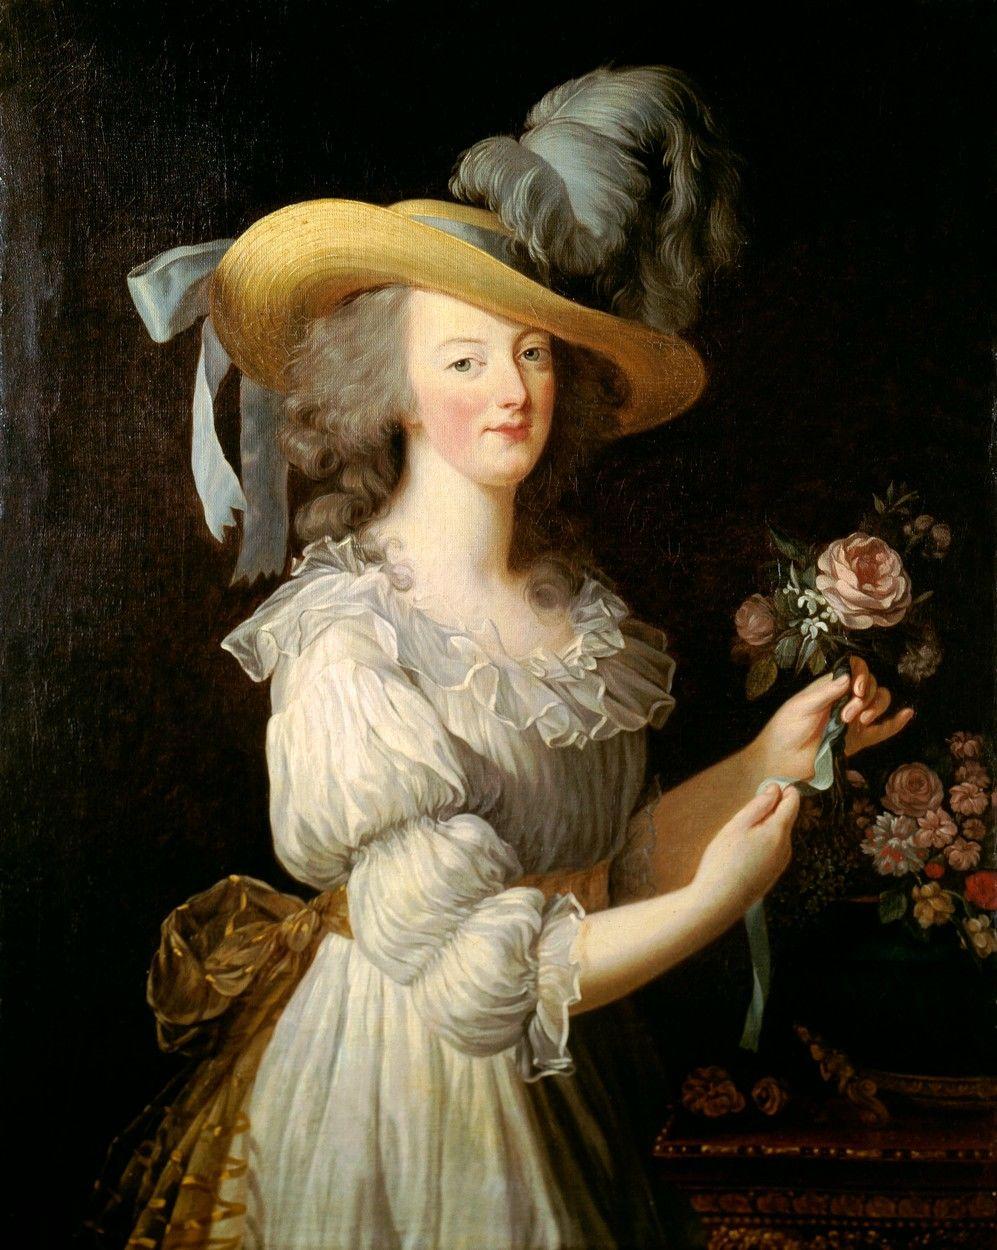 Marie Antoinette híres, muszlinruhás portréja, melyet 1783-ban Élisabeth-Louise Vigée-Lebrun készített róla.